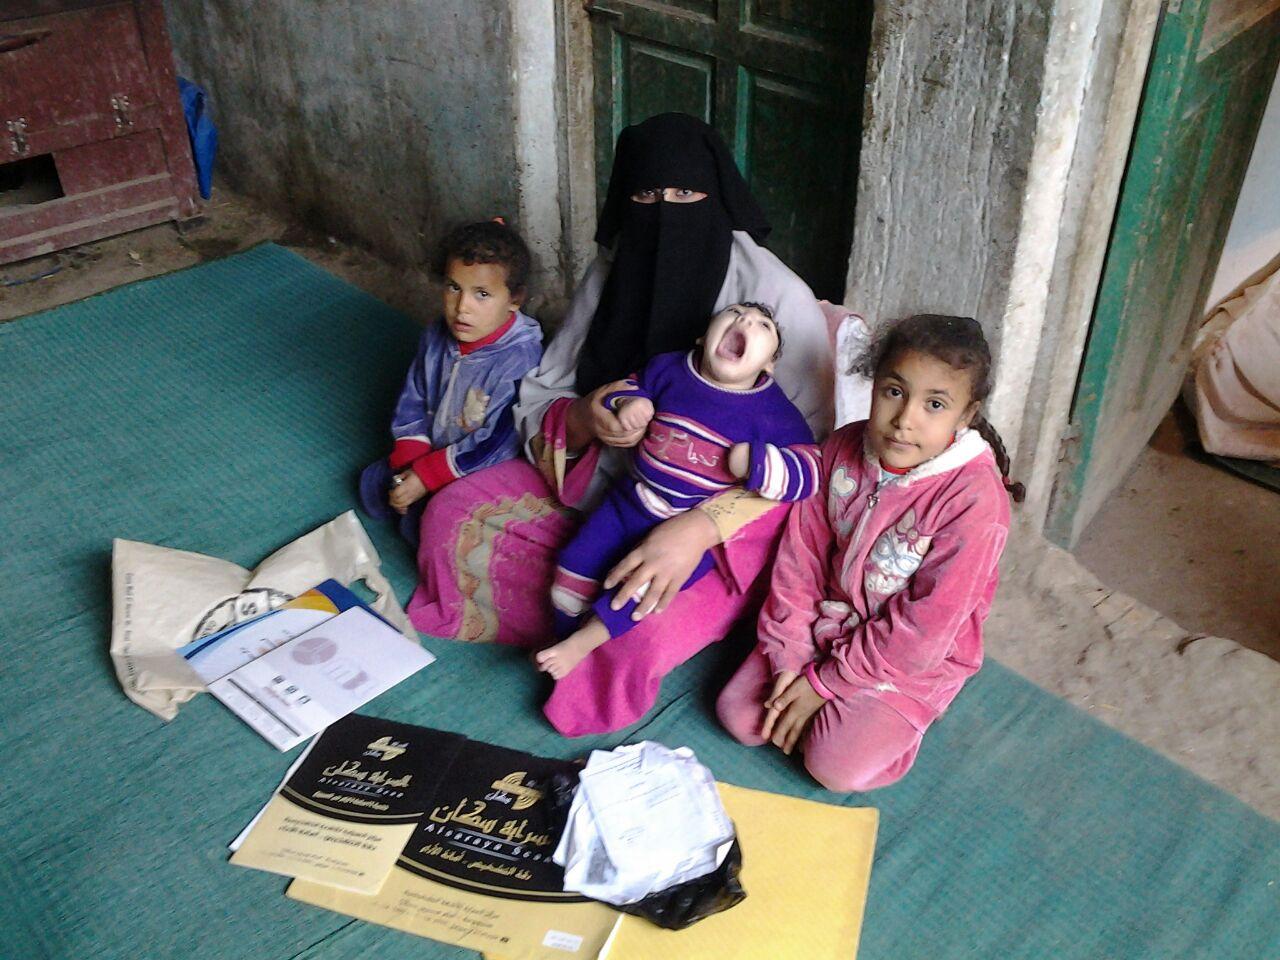 الطفل المريض محمد عبد الكريم وأخواته